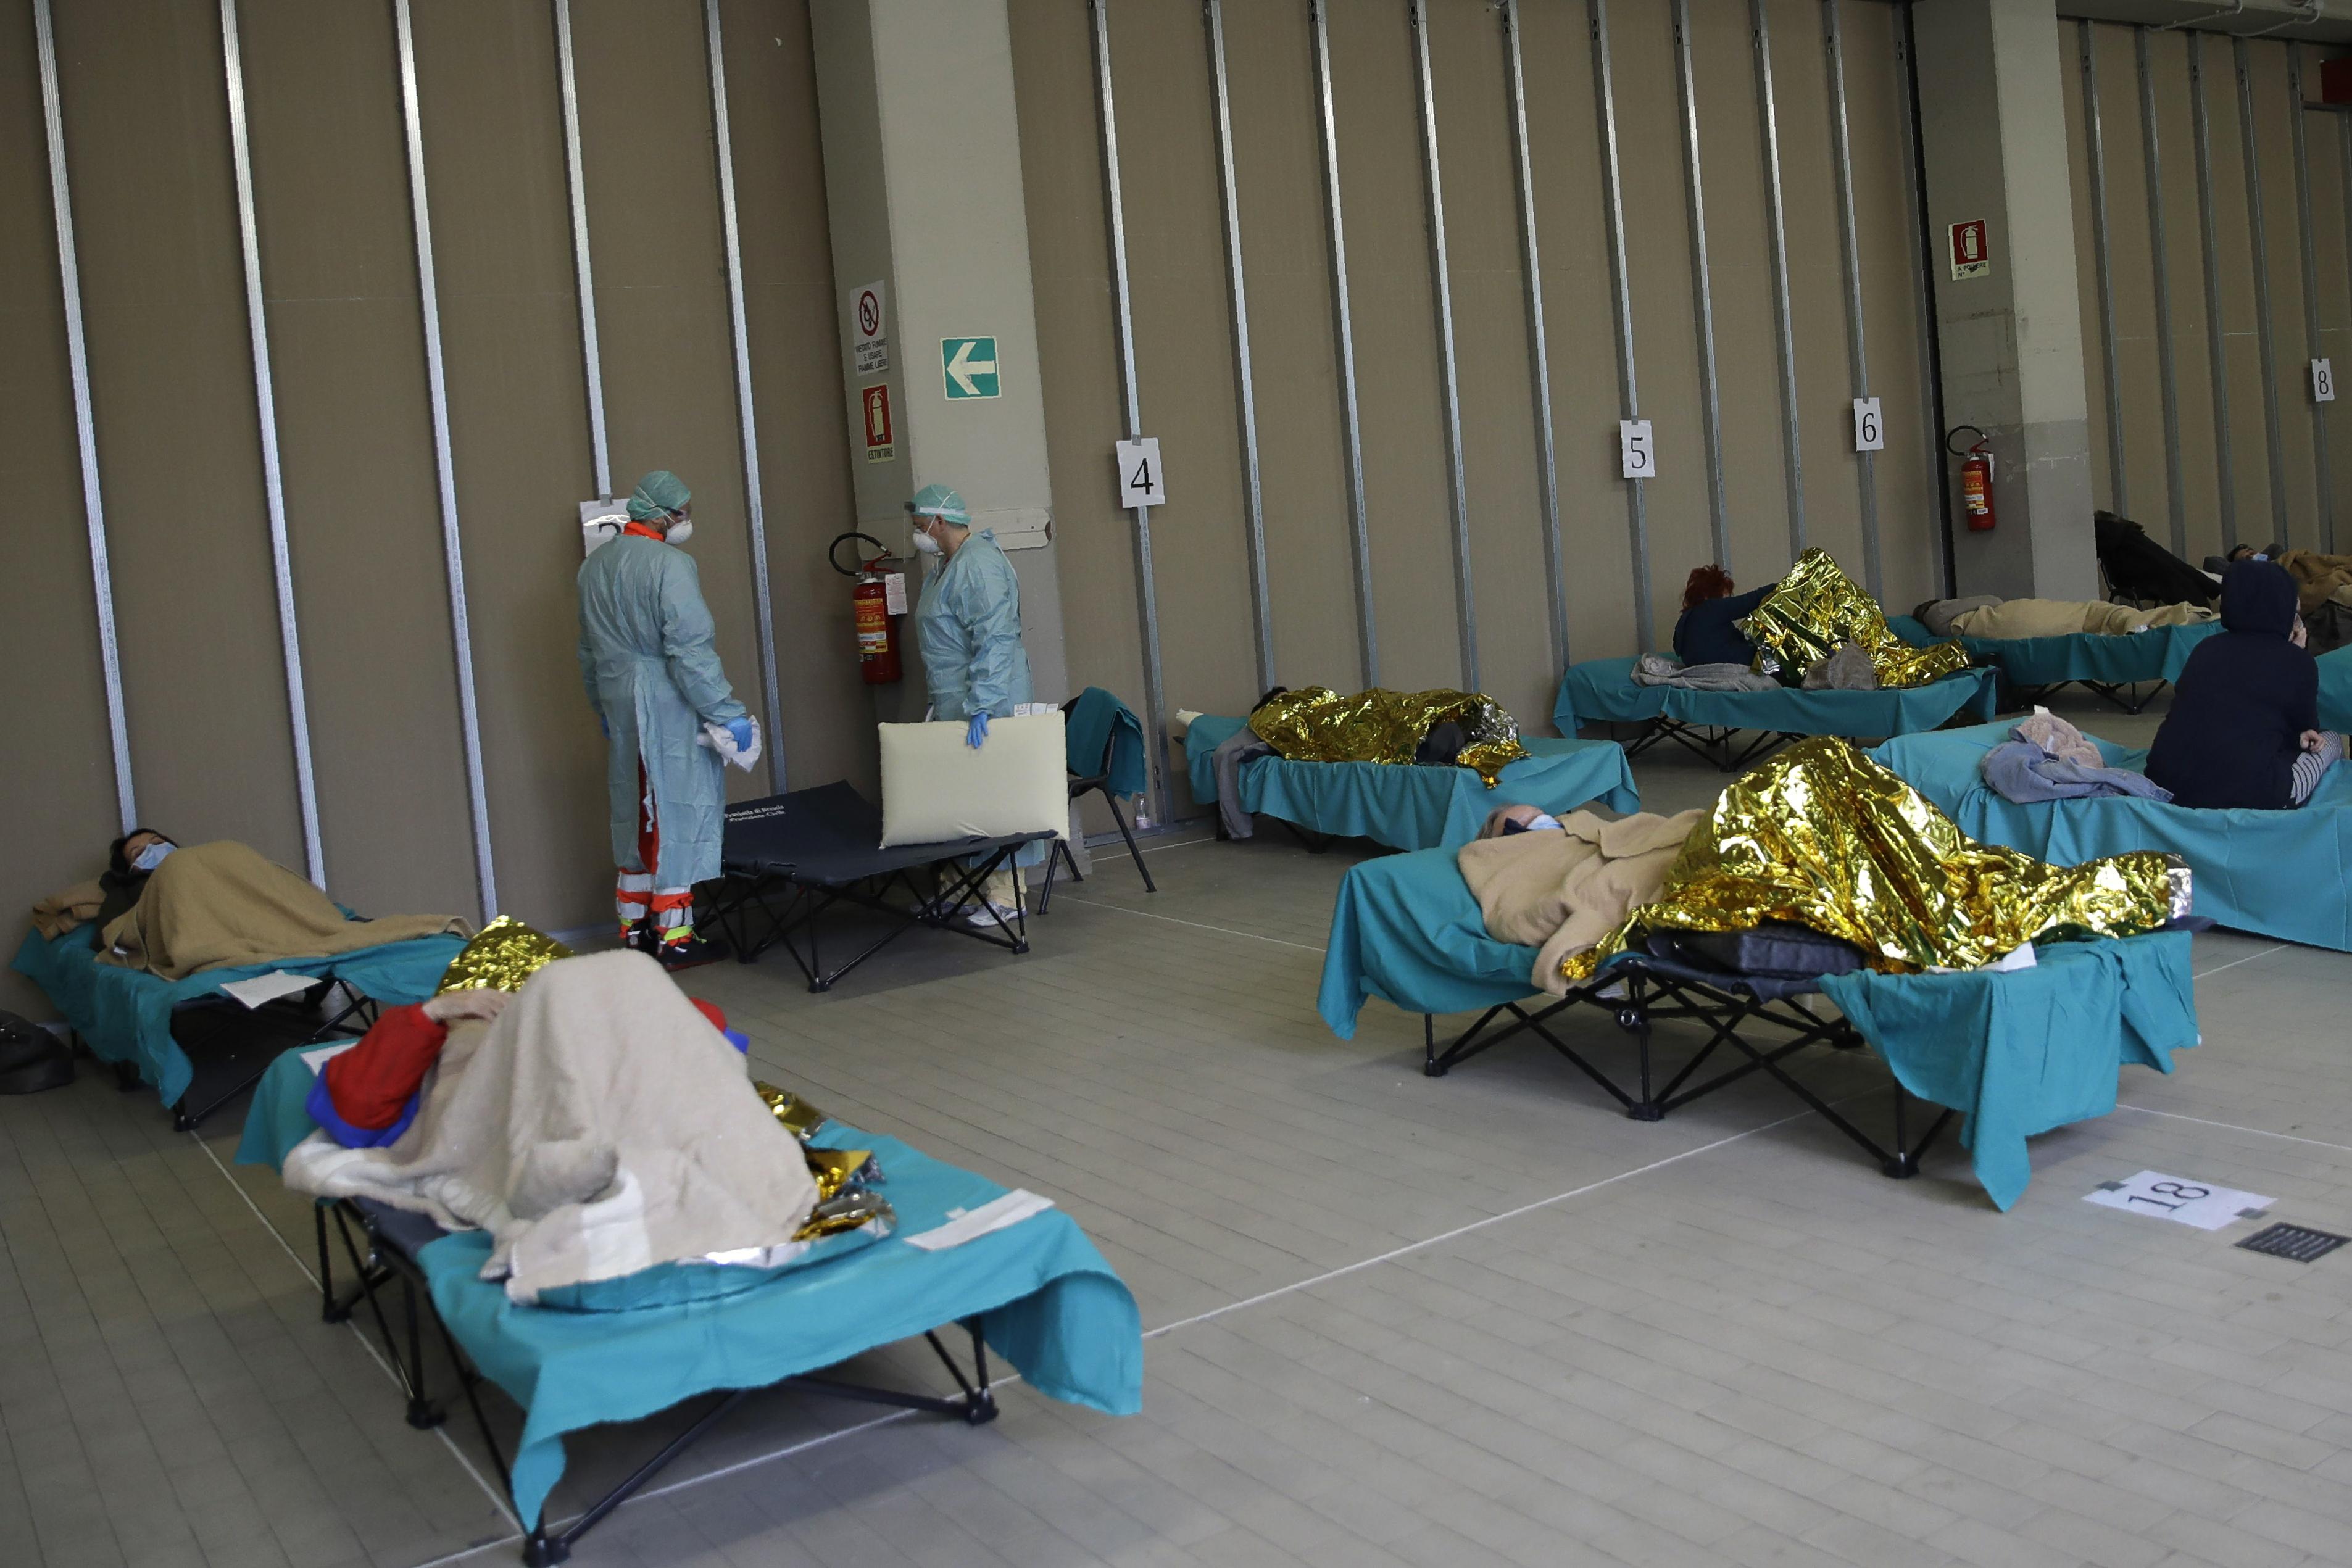 Coronavirus, strutture di emergenza all'ospedale di Brescia (AP Photo/Luca Bruno)